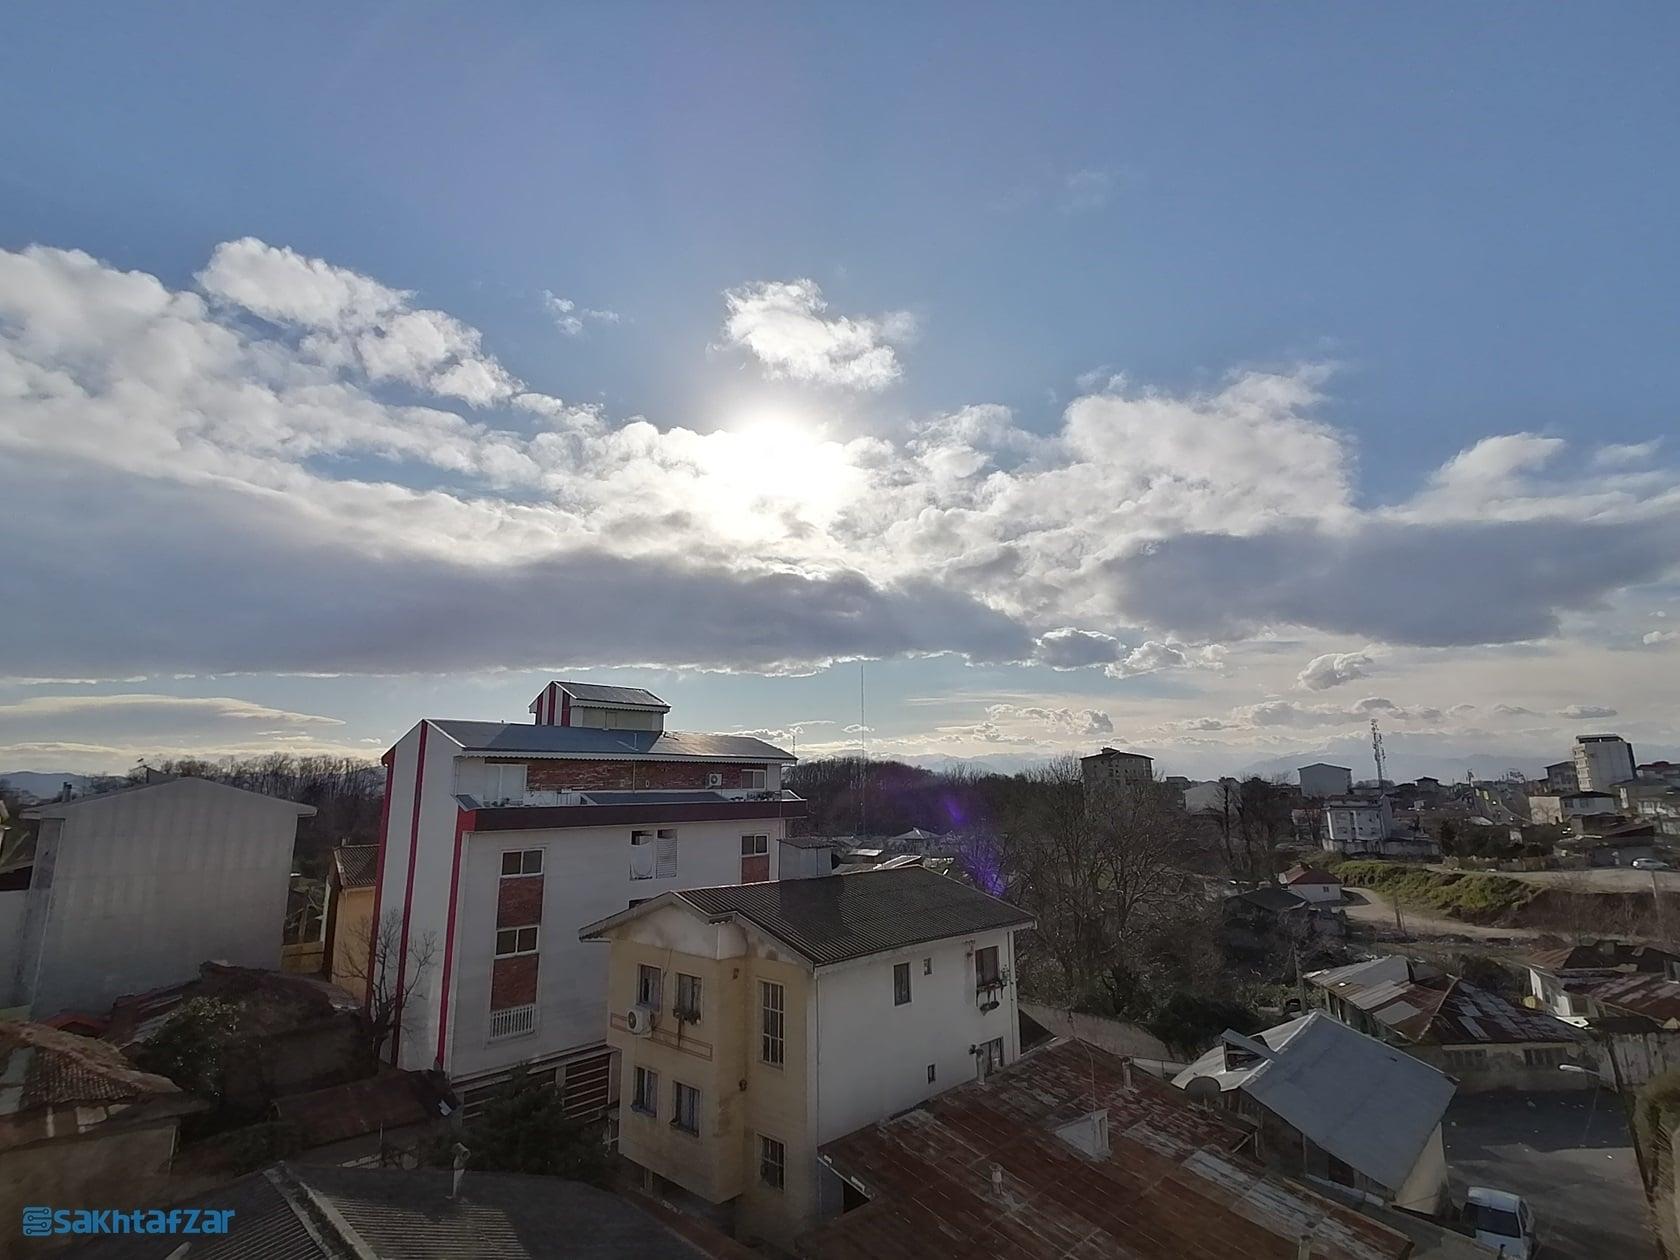 نمونه عکس دوربین Y9s هوآوی